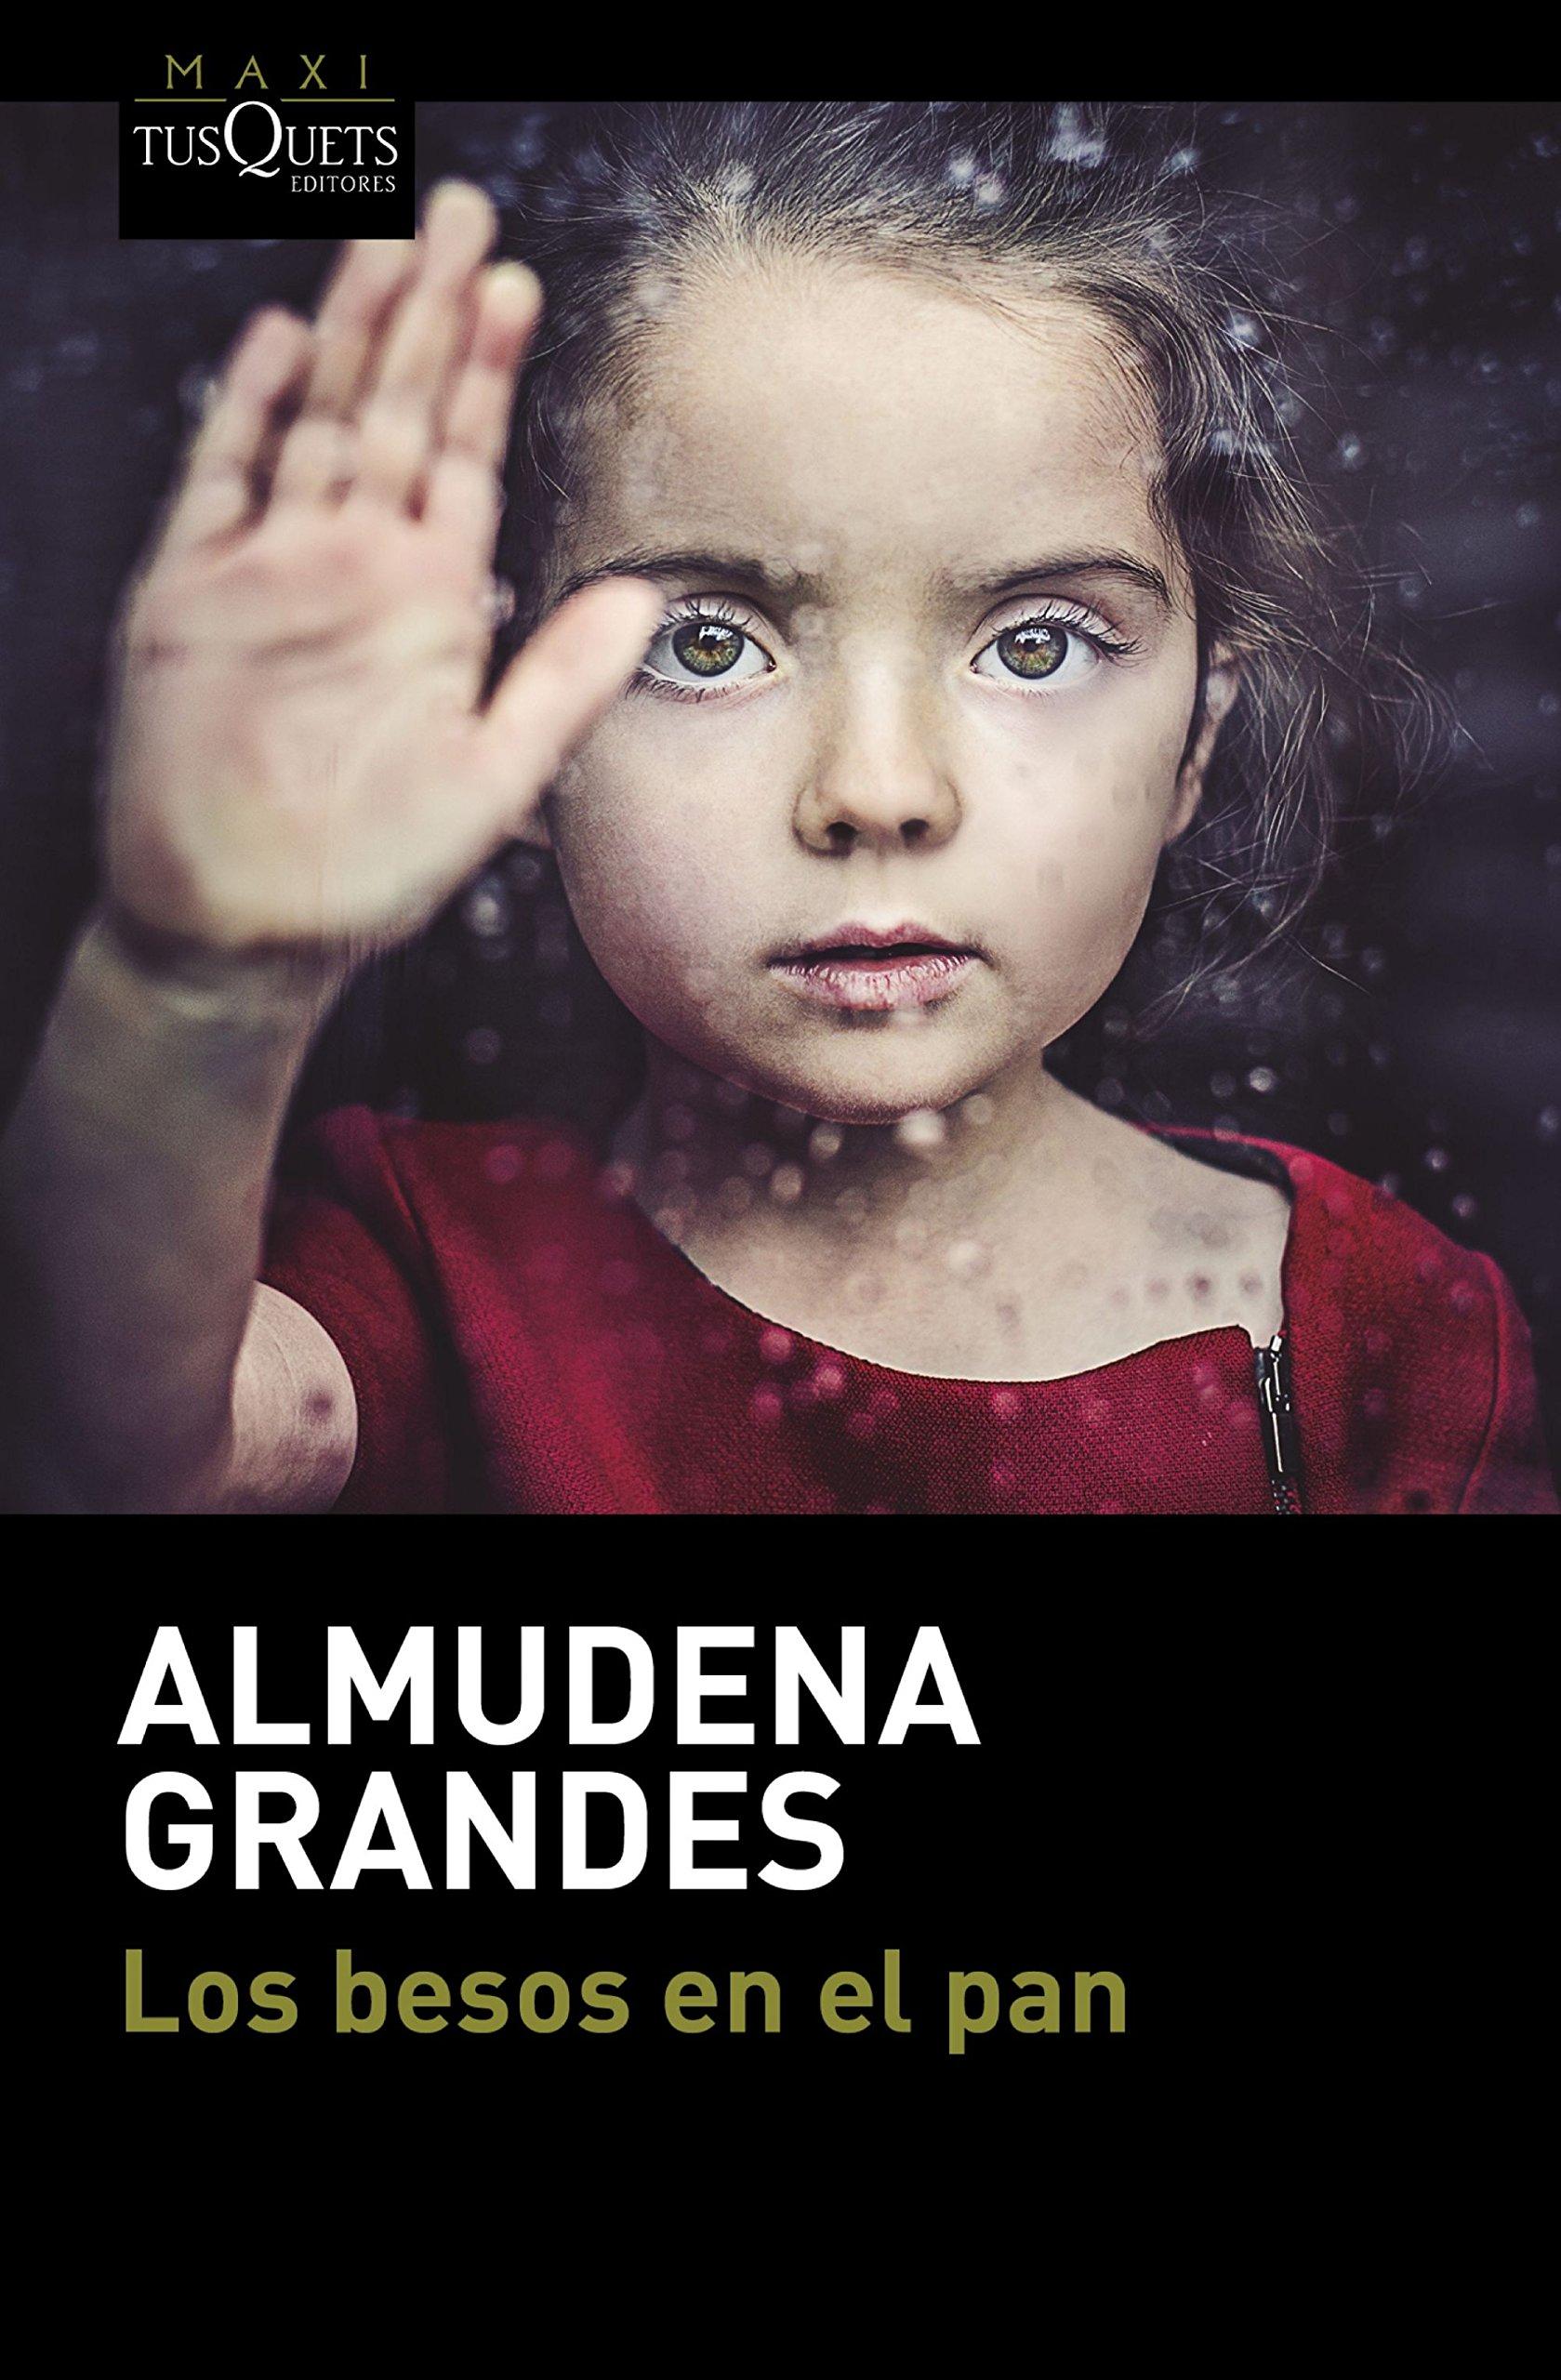 Los besos en el pan (MAXI): Amazon.es: Grandes, Almudena: Libros